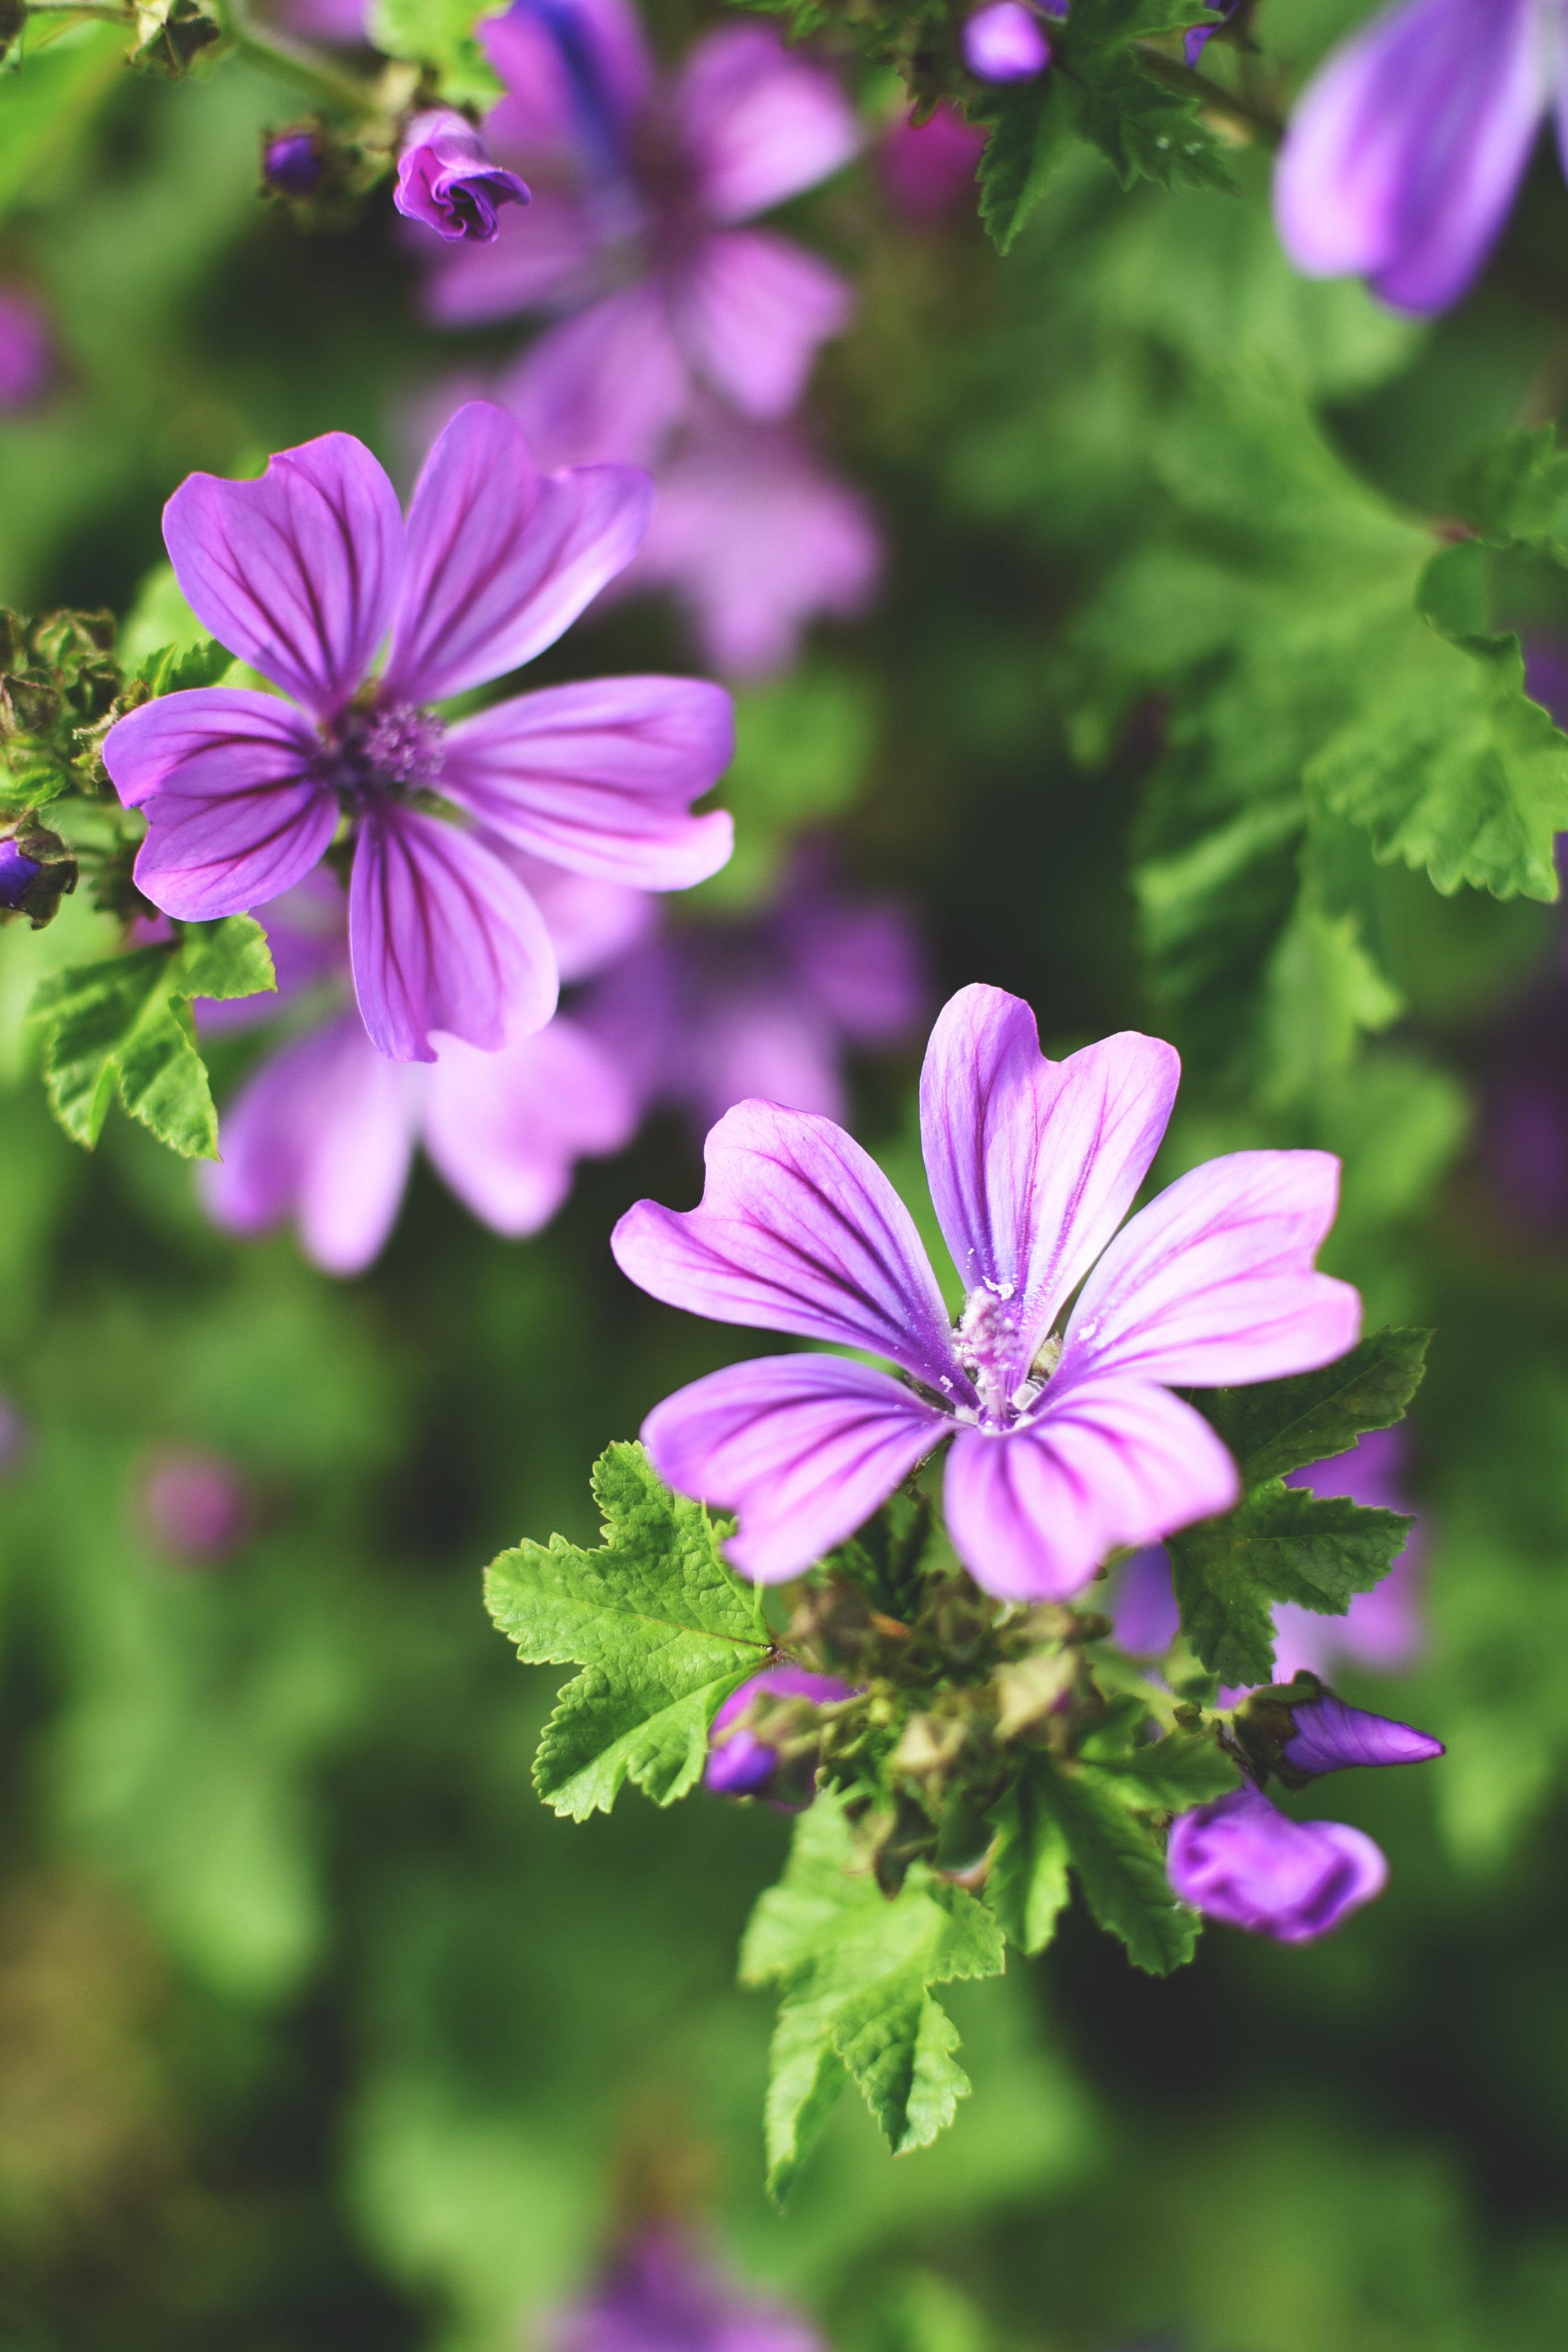 Paniers bio-Mauve jardin - Clotilde.jpg